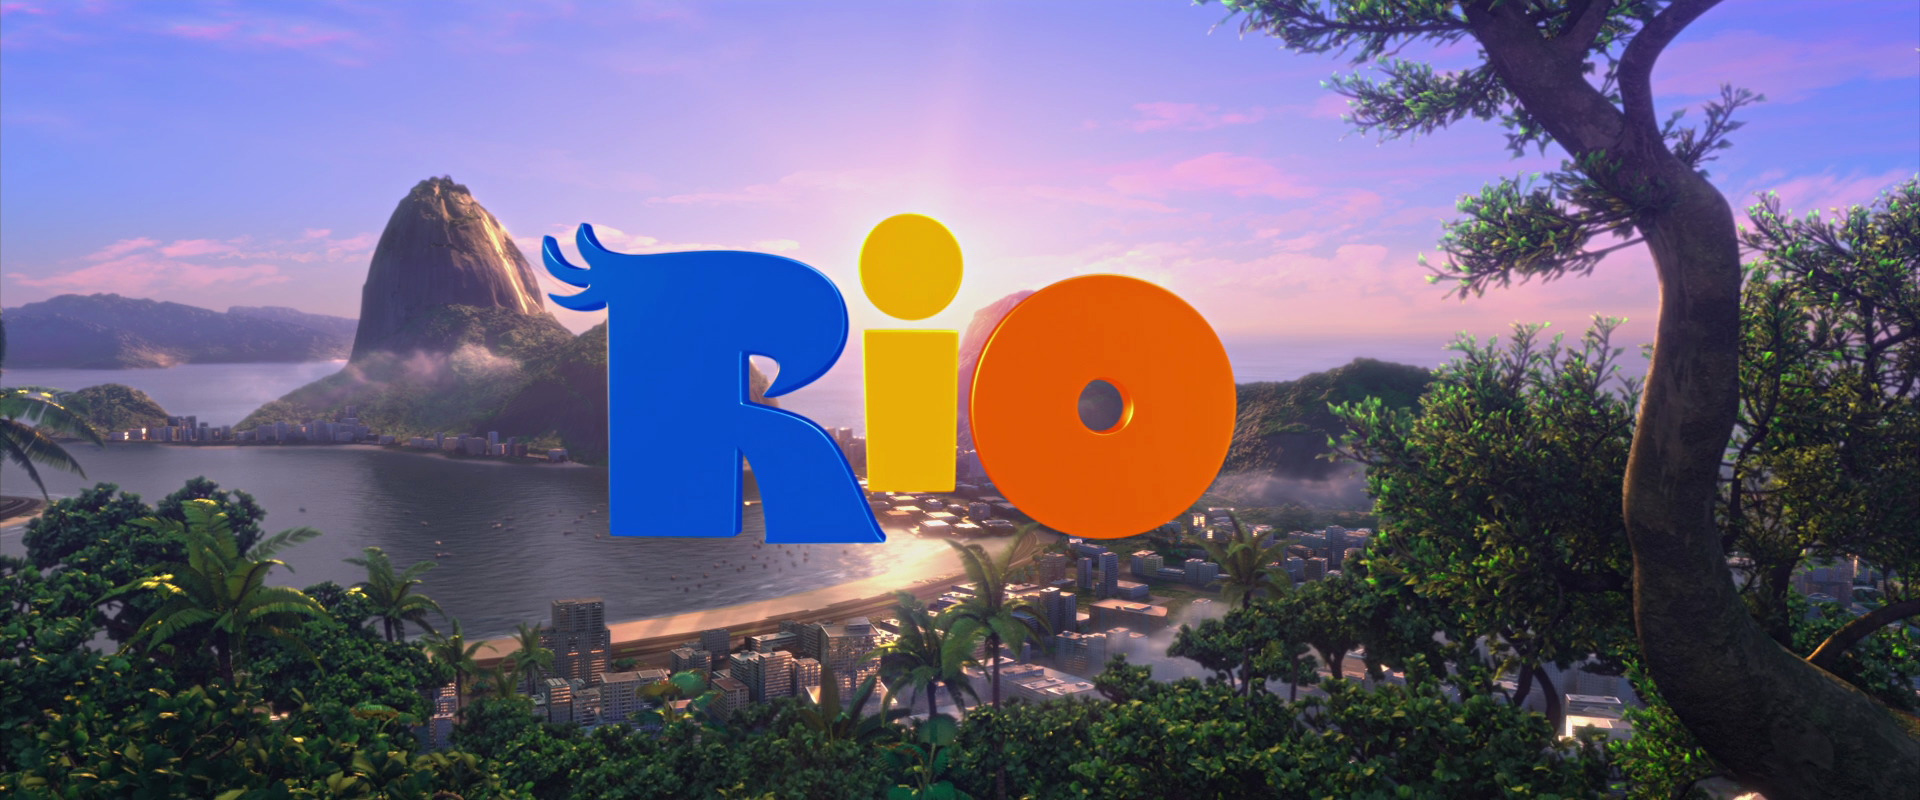 rio blue sky studios wiki fandom powered by wikia